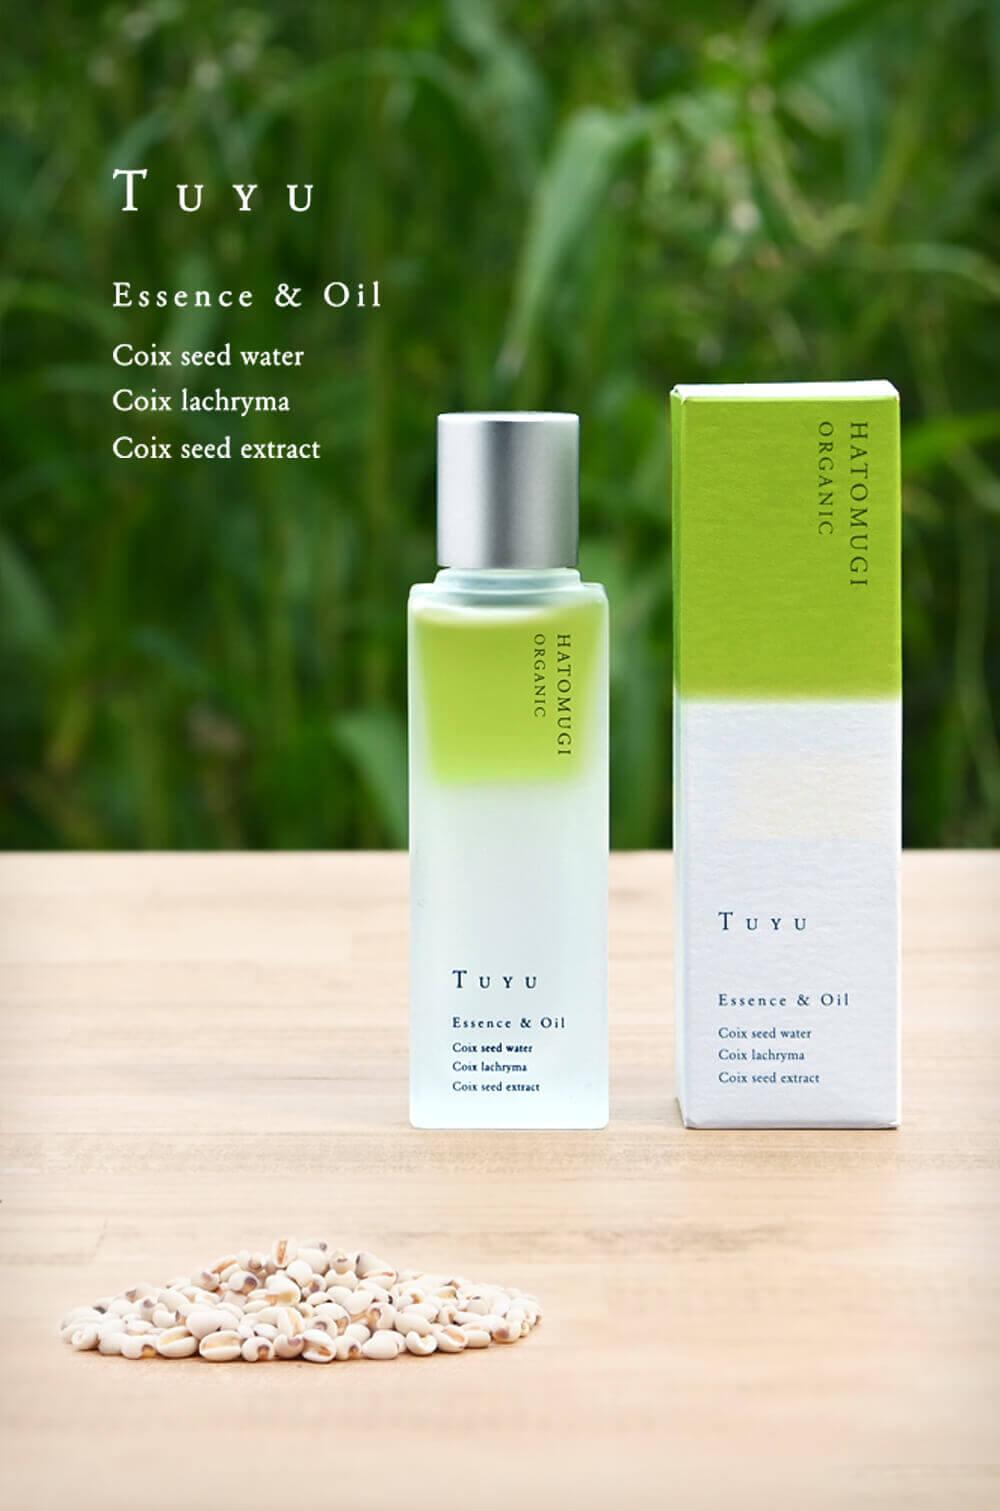 はとむぎ化粧品 オーガニックハトムギ エッセンス&オイル TUYU 2層式美容液